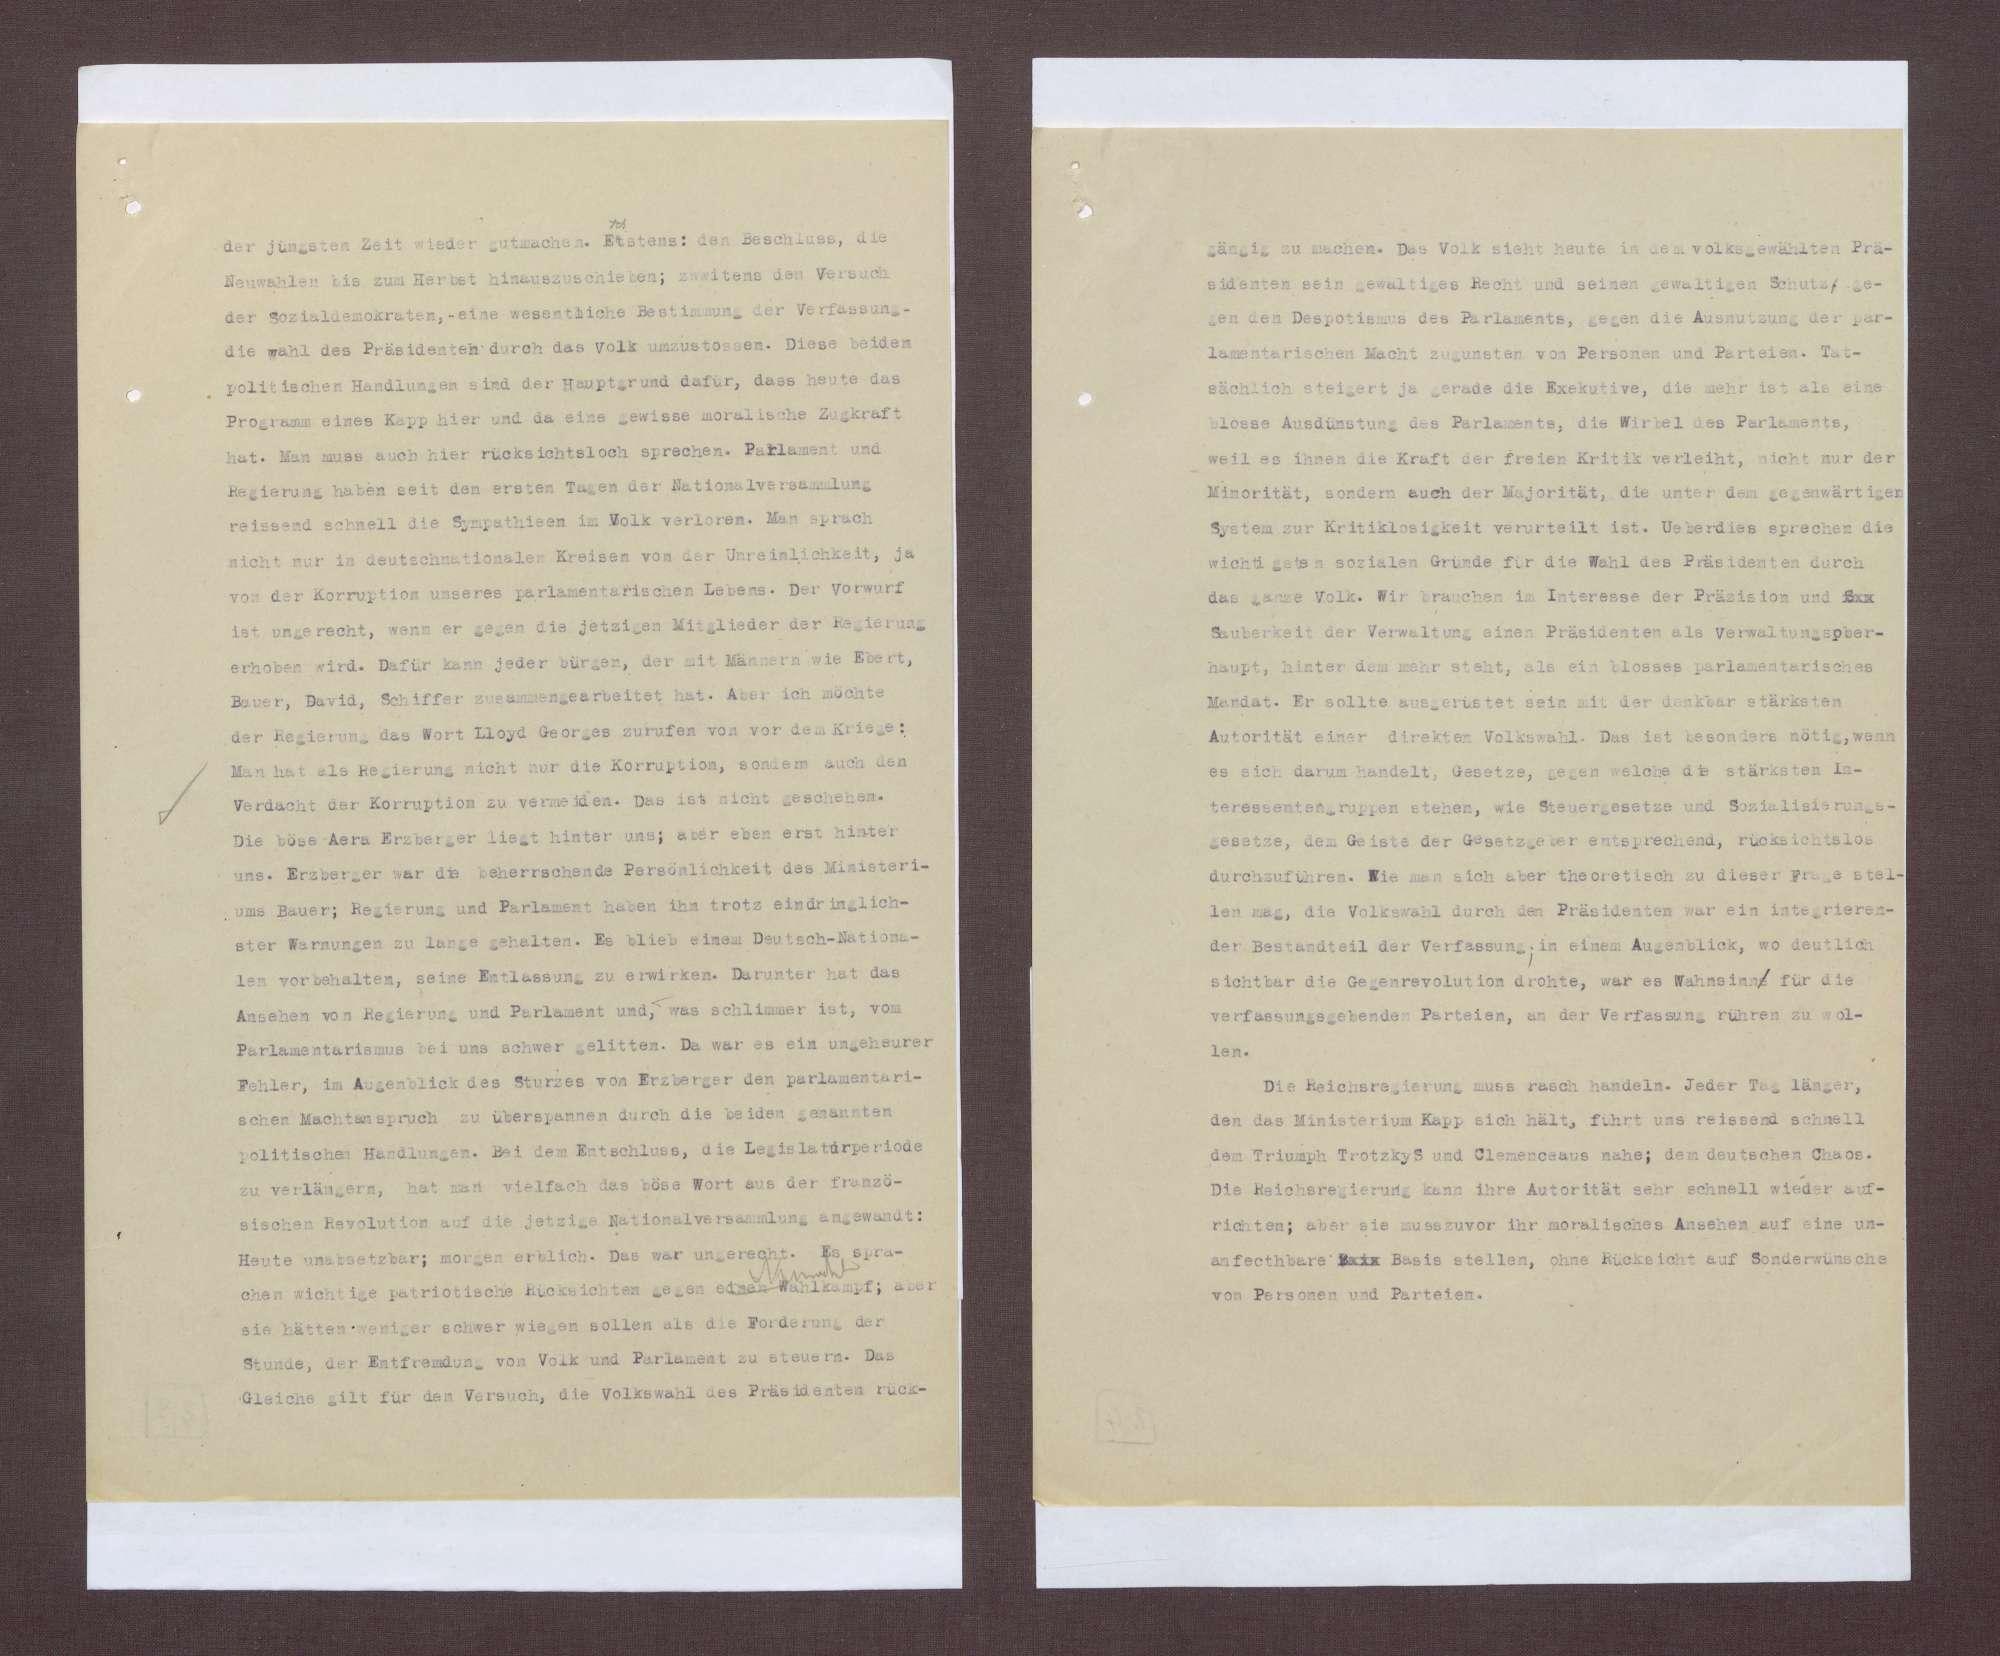 Entwürfe zur notwendigen Reaktion der Reichsreagierung auf den Kapp-Putsch, Bild 2